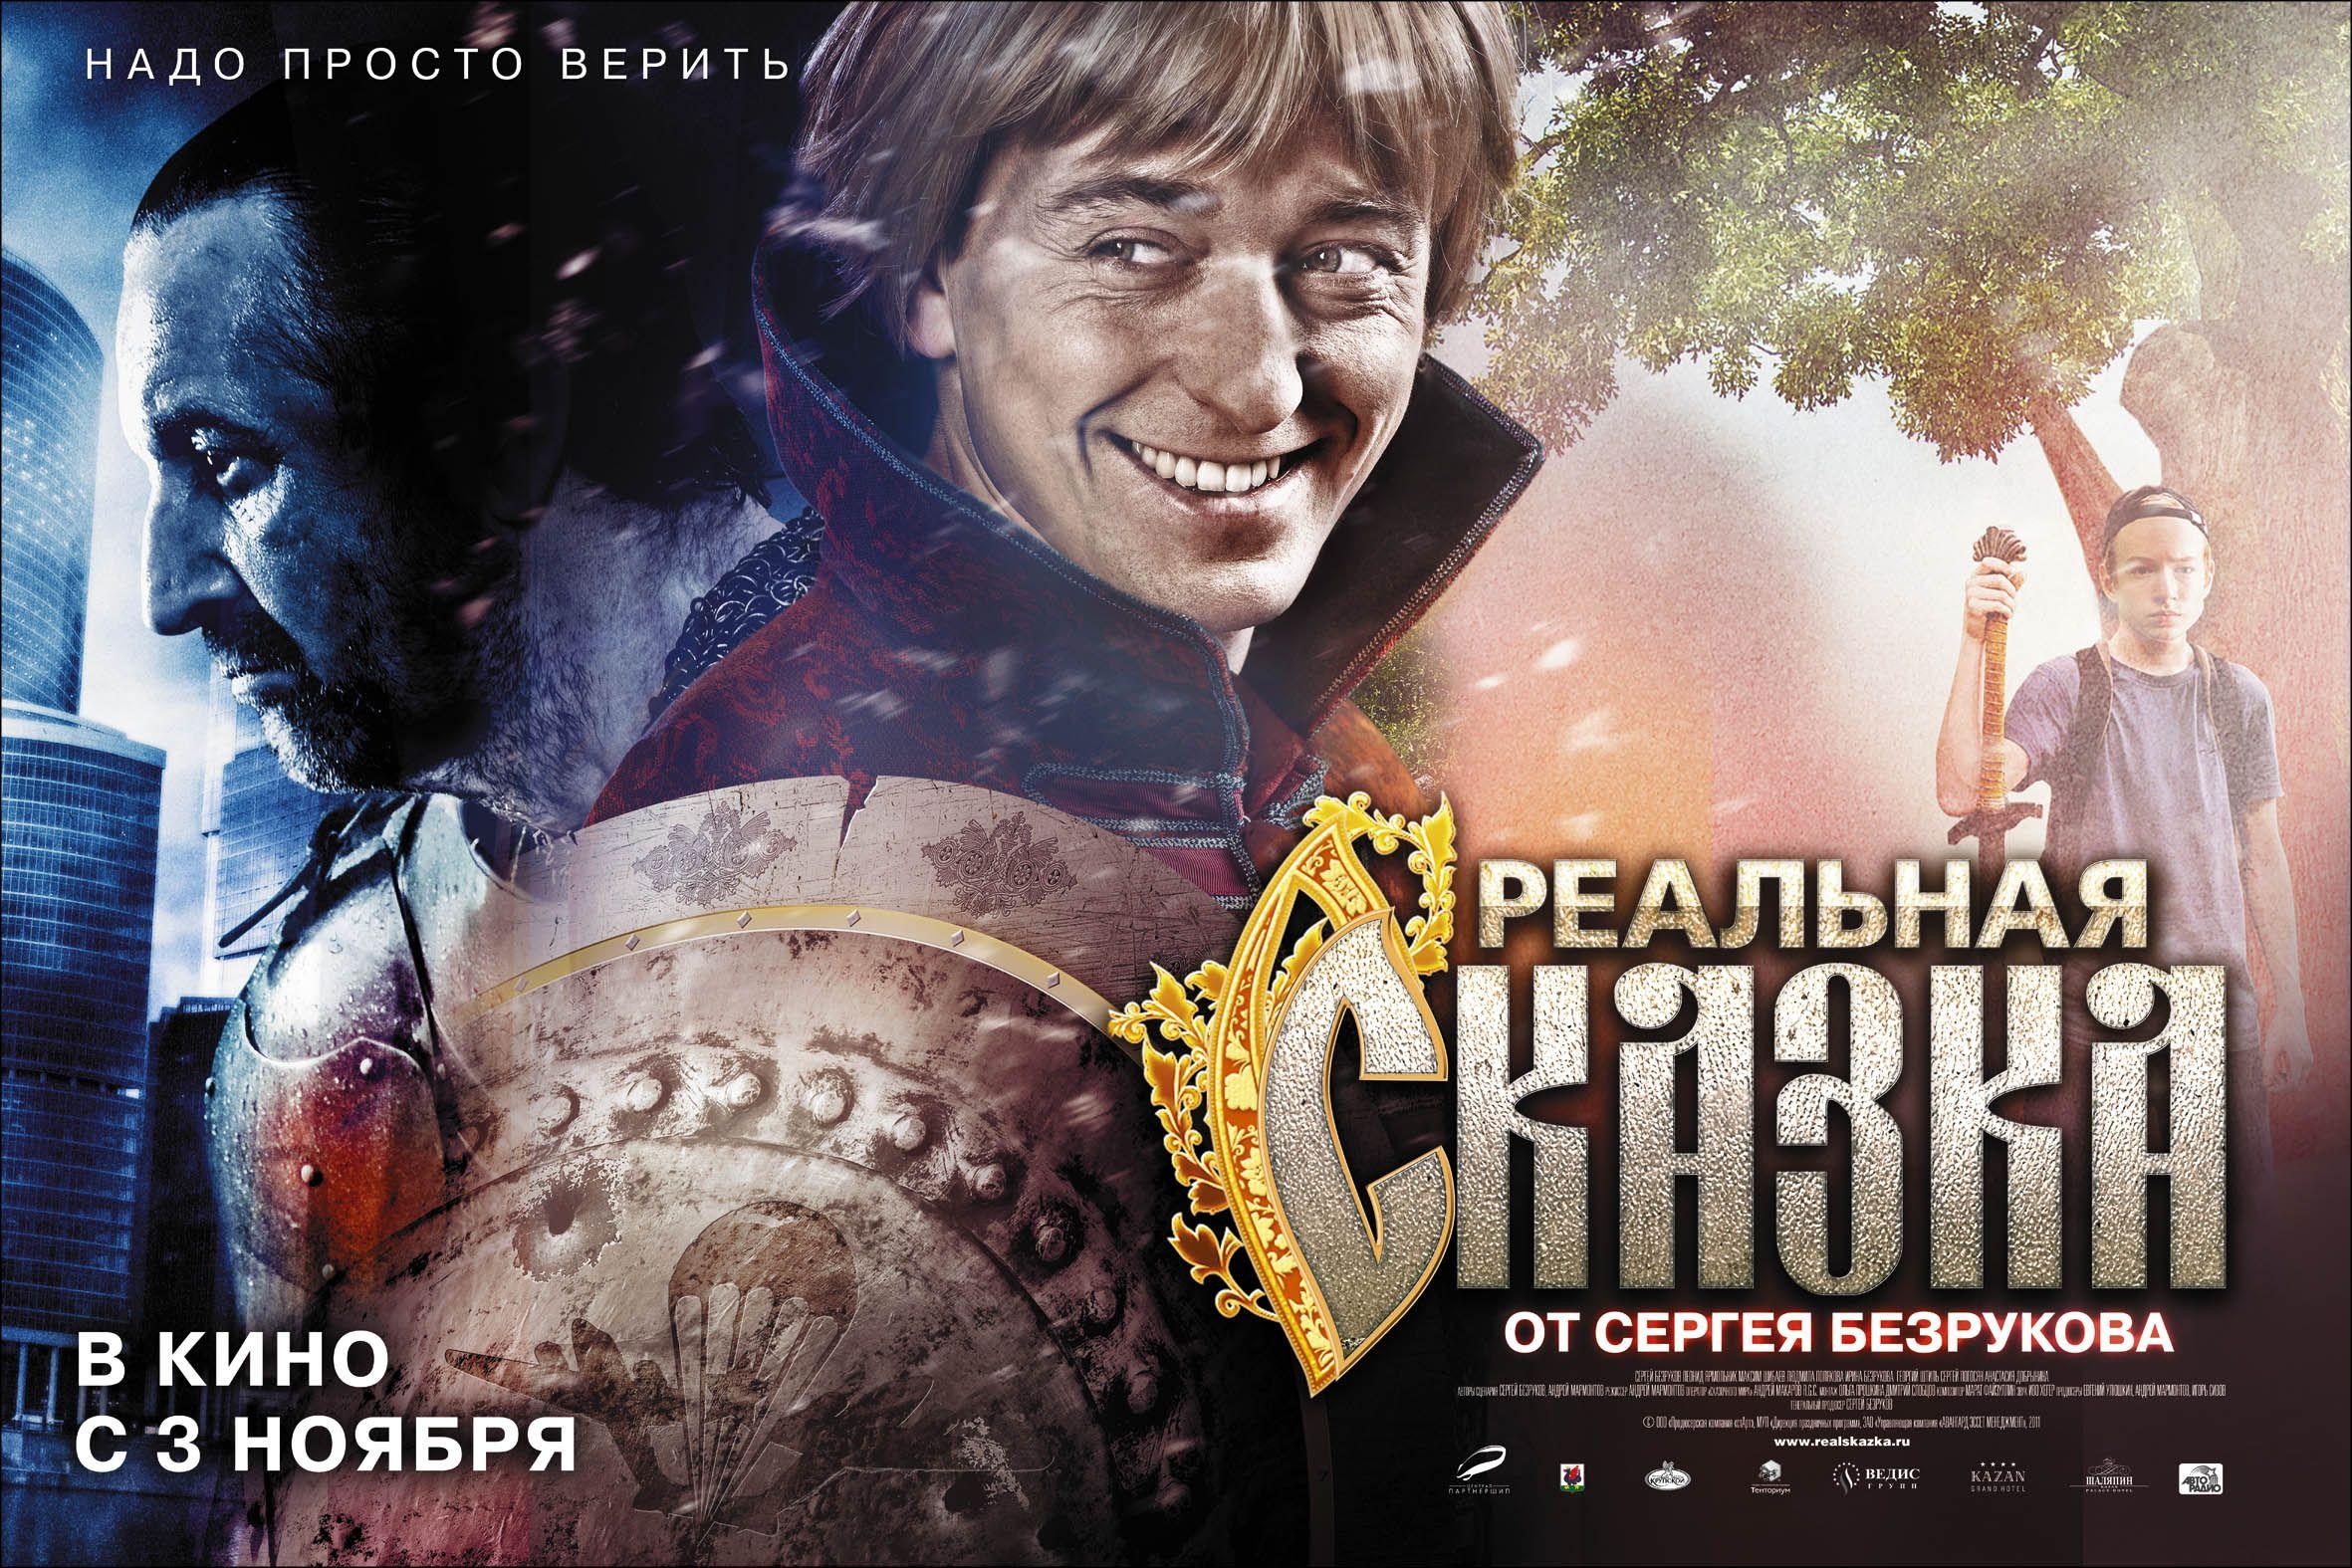 плакат фильма биллборды Реальная сказка